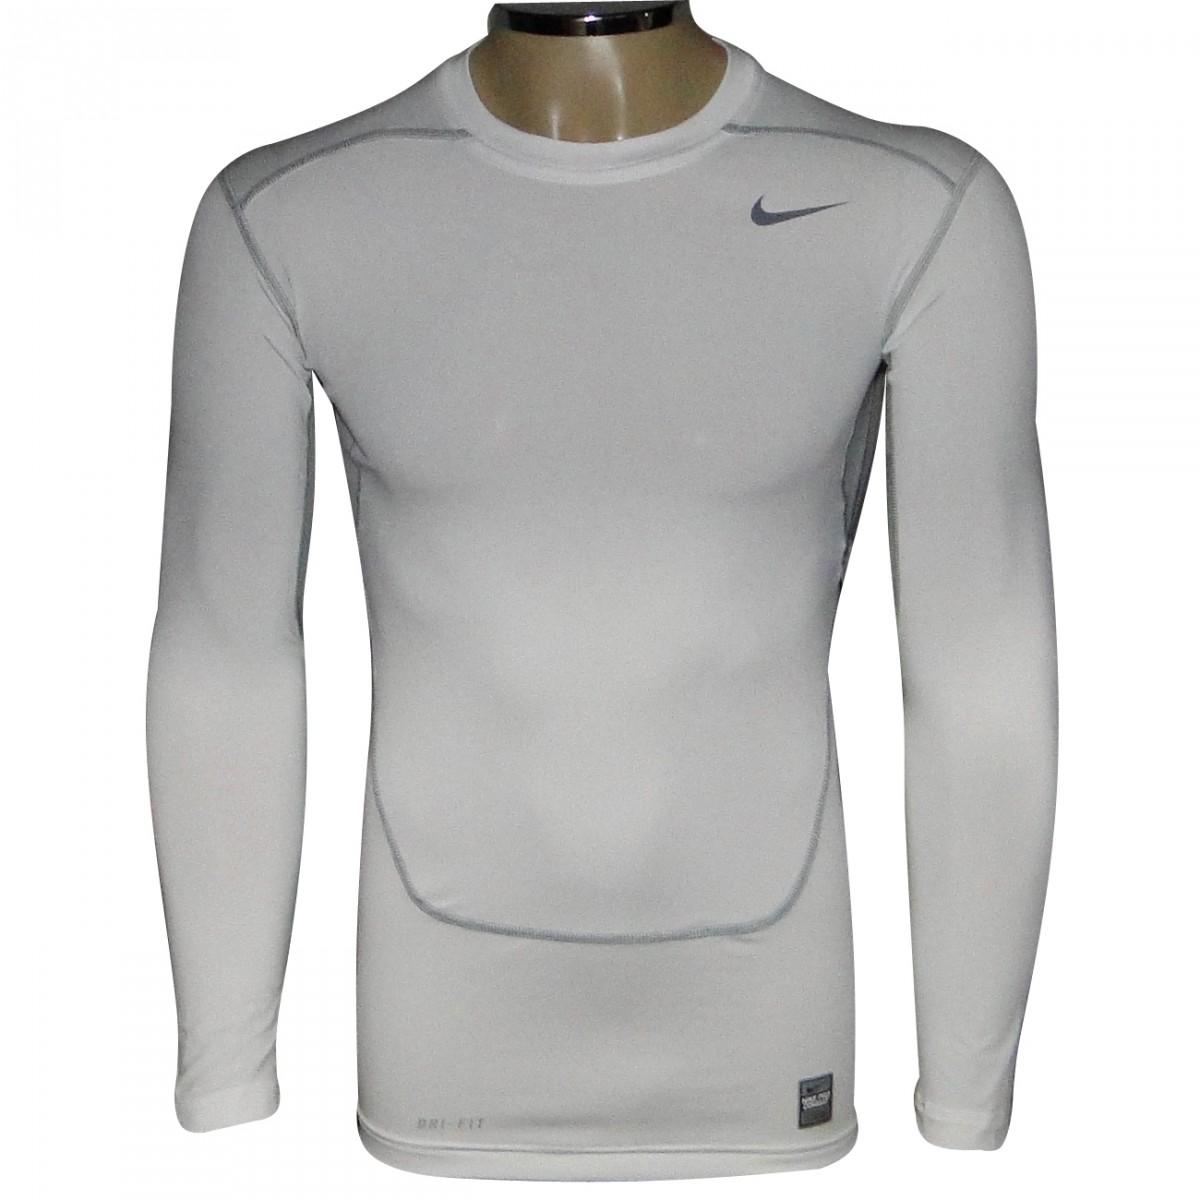 0887f6a4d0 Camisa Nike 449794 Termica 449794-100 - Branco - Chuteira Nike ...